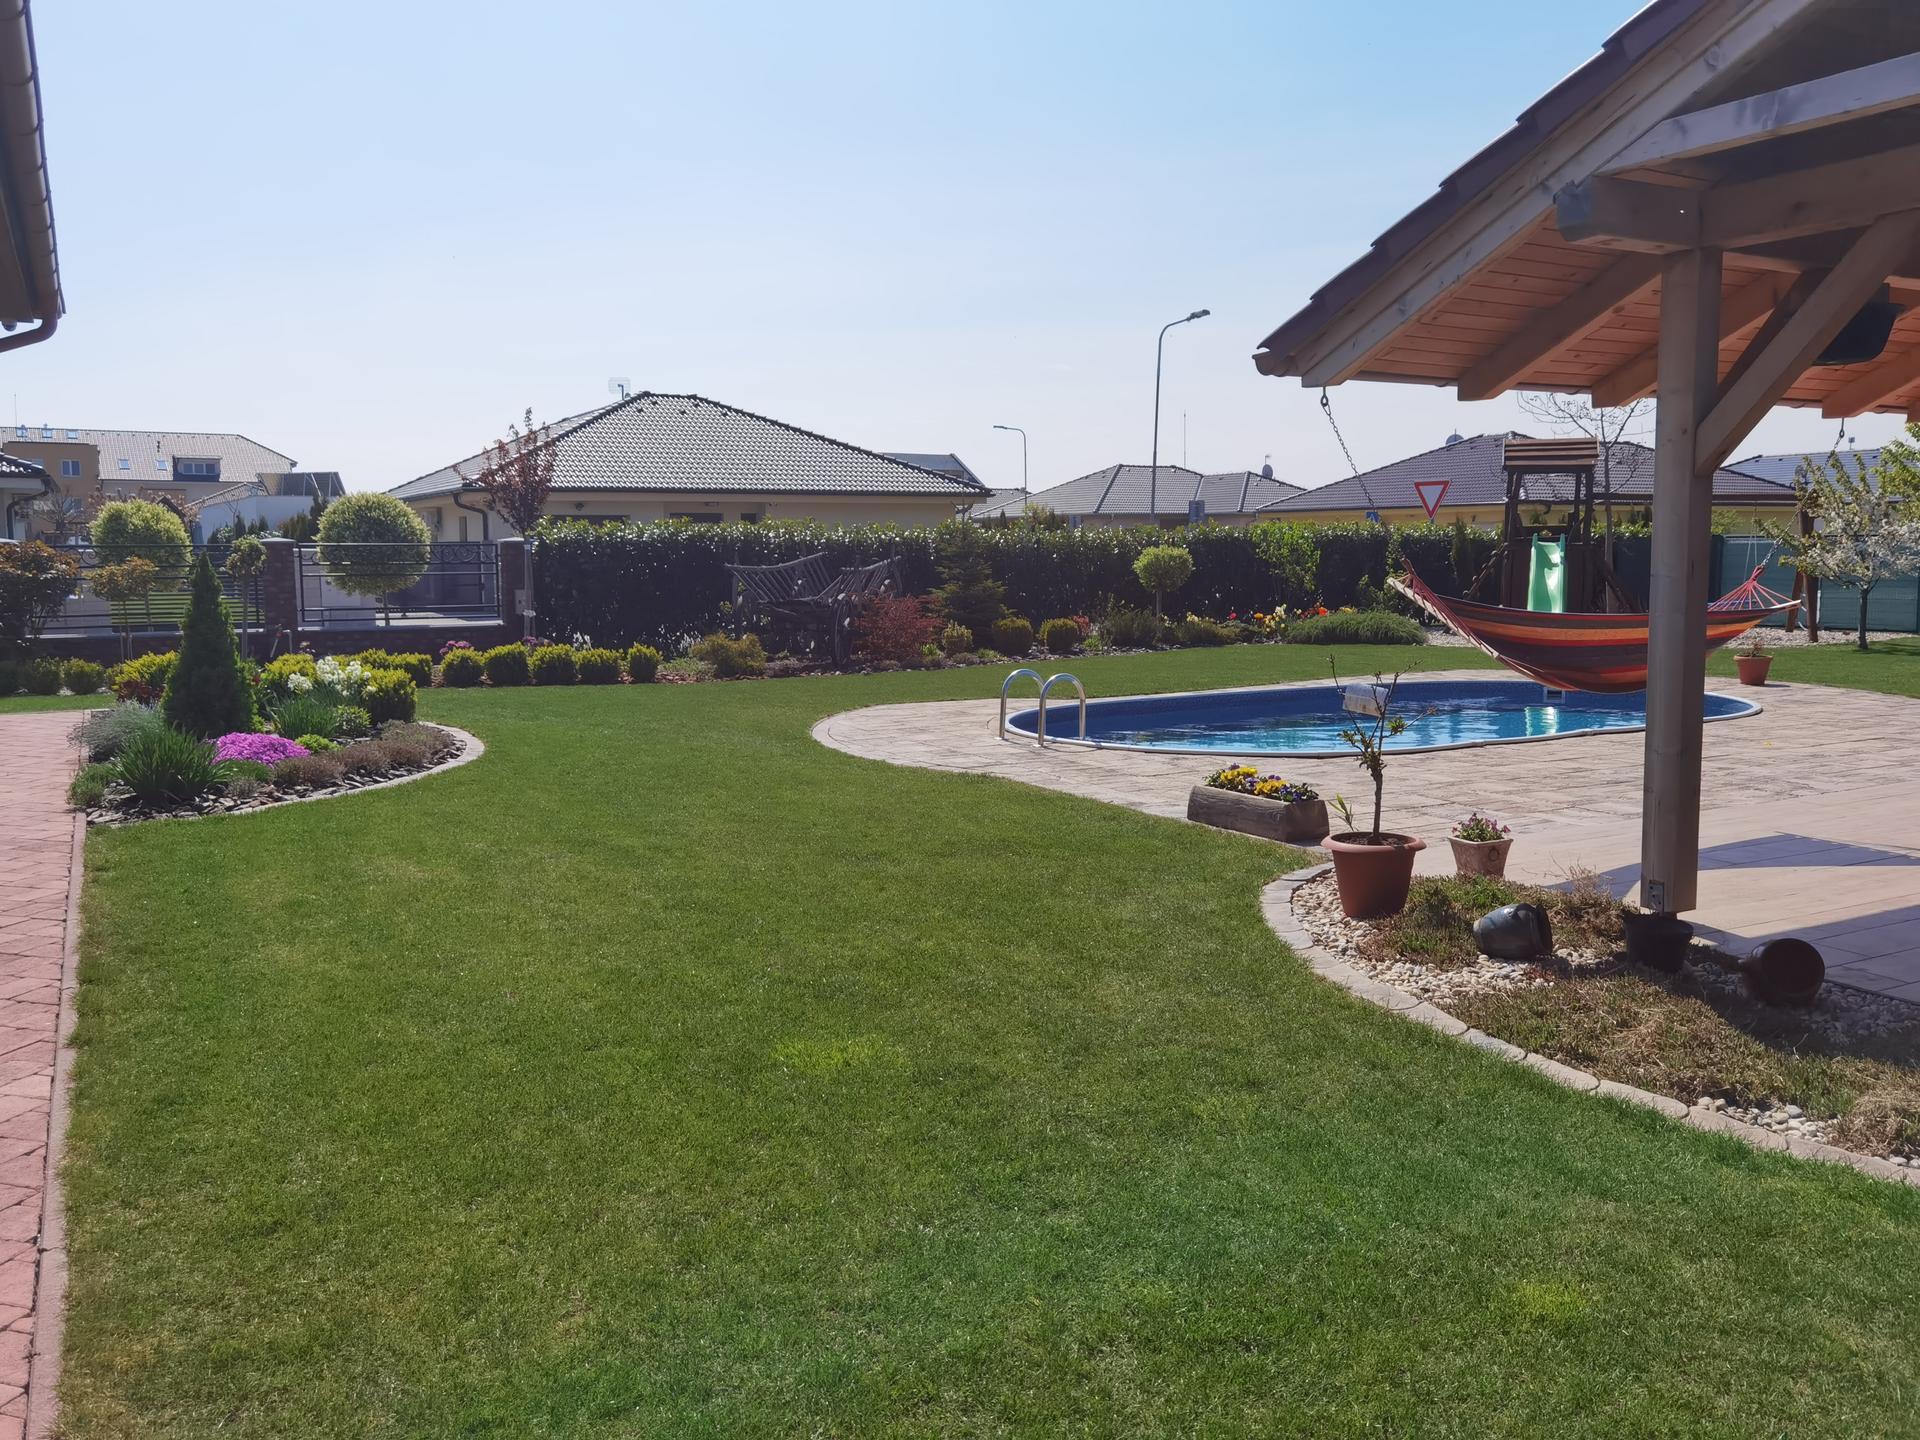 Záhrada 2021 - Obrázok č. 2